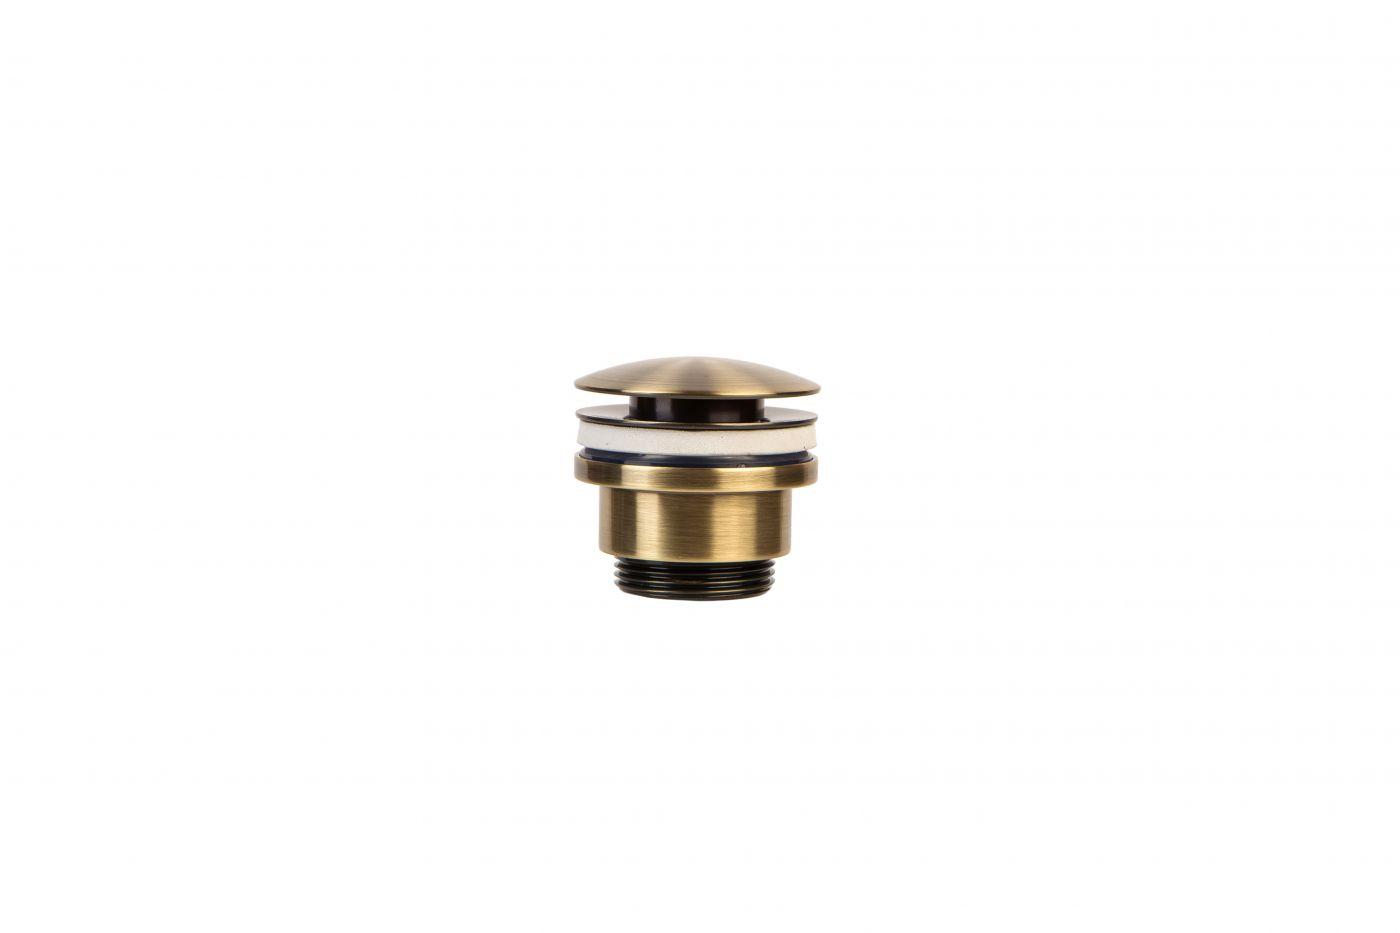 Vaserzberg SUS5 Бронзовый универсальный гидрозатвор для раковины